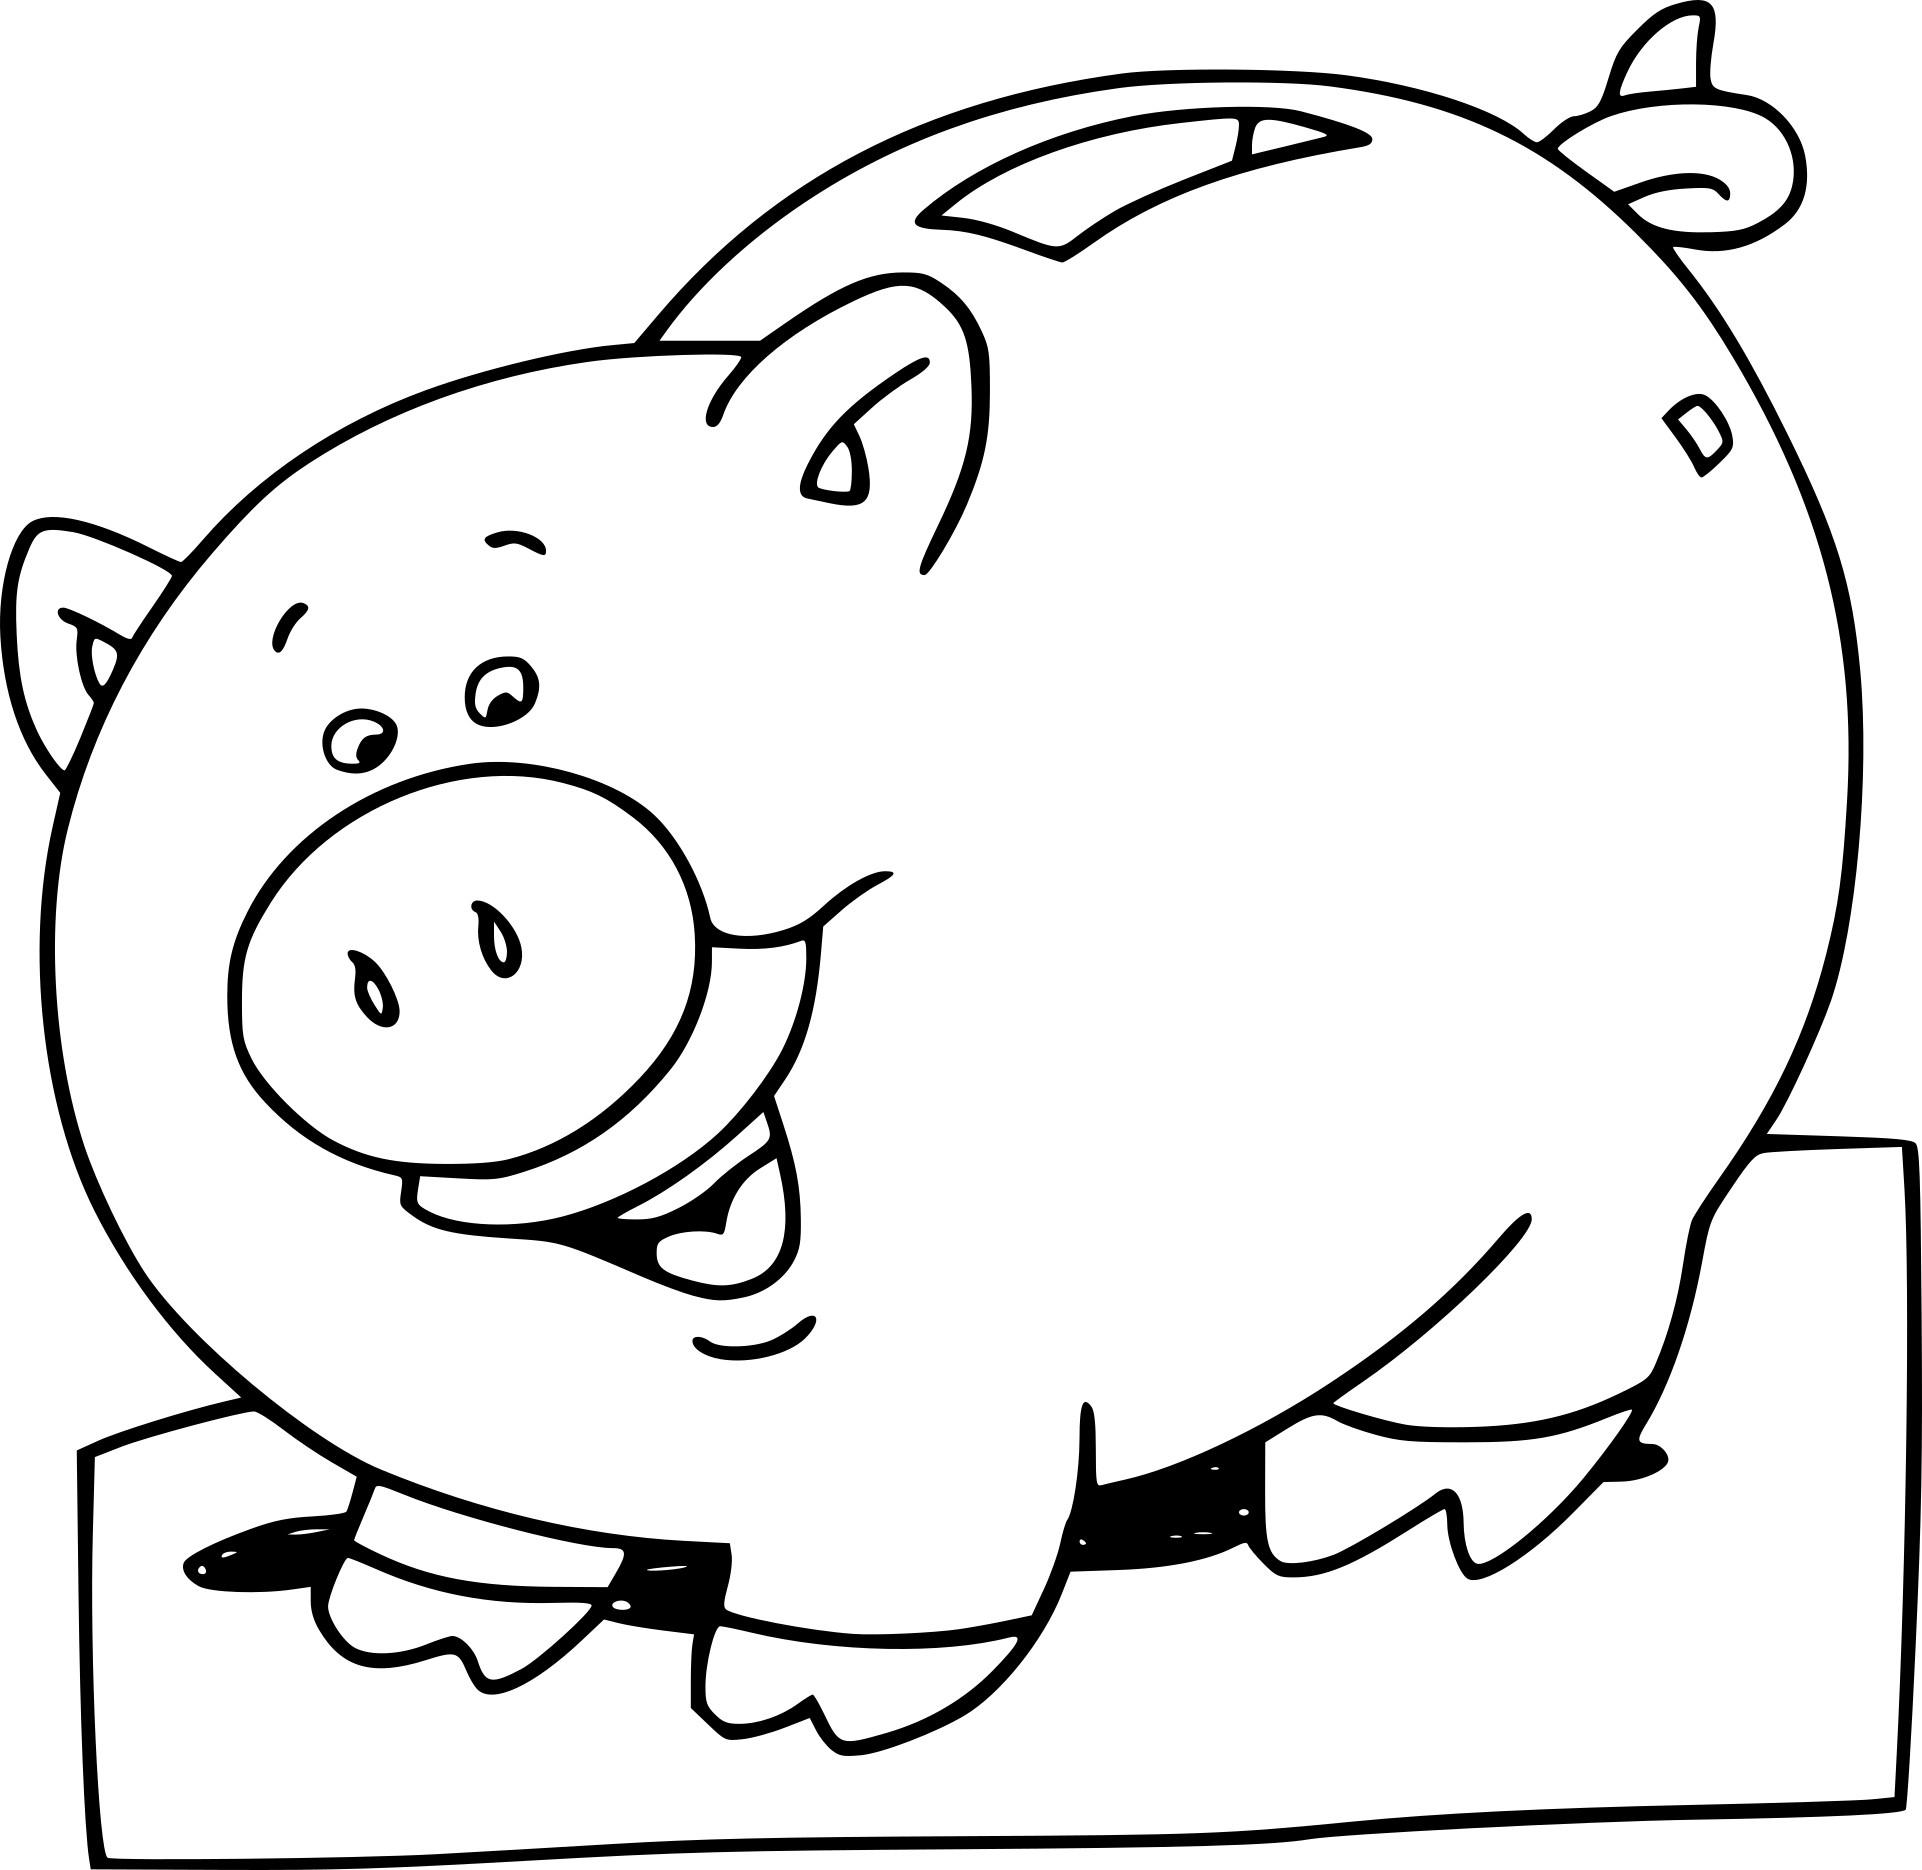 Coloriage Tirelire À Imprimer Sur Coloriages dedans Dessin A Colorier Cochon